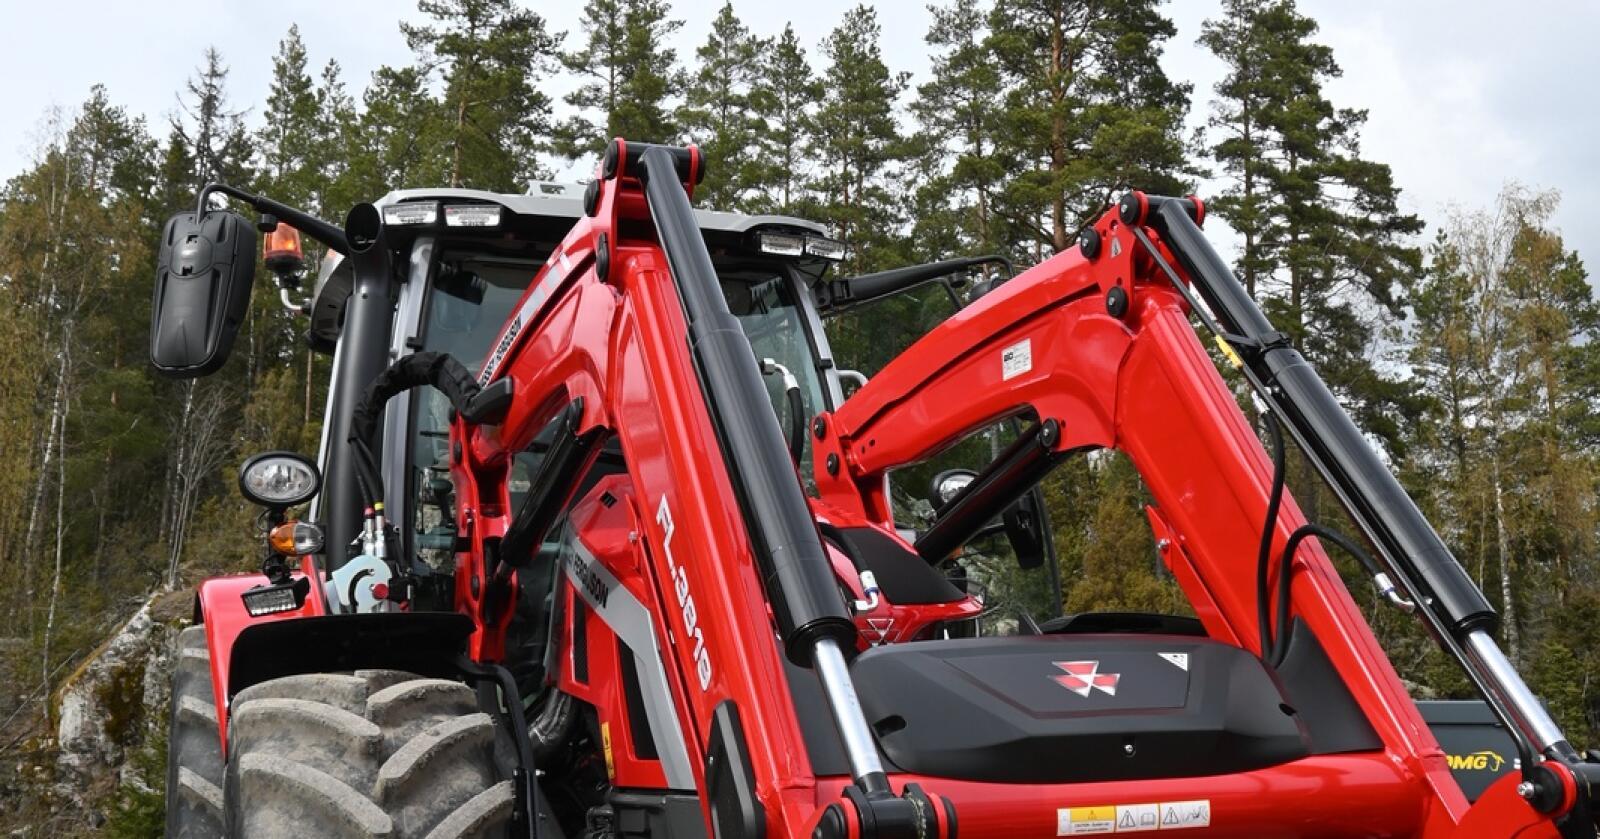 Massey Ferguson registrerte flest nye traktorer i mai, med 59 registreringer.  Blant leveransene finn annet er den  nye Massey Ferguson 5S  . Foto: Espen Opheim